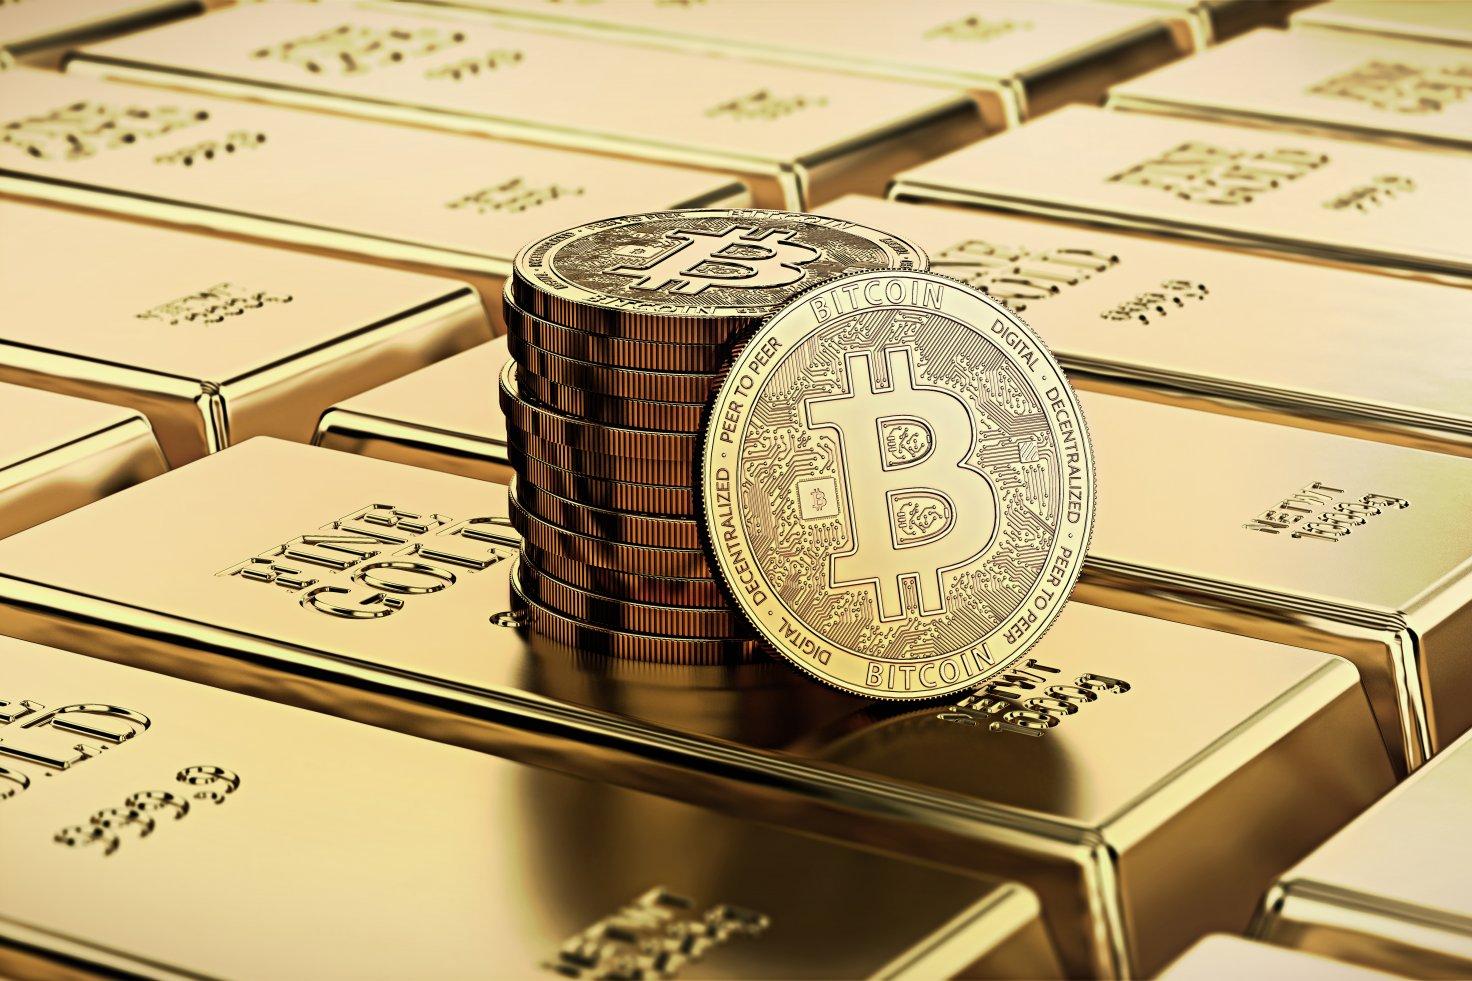 Bitcoin kintamumo grafikas, Kaip Bitkoinas veikia?